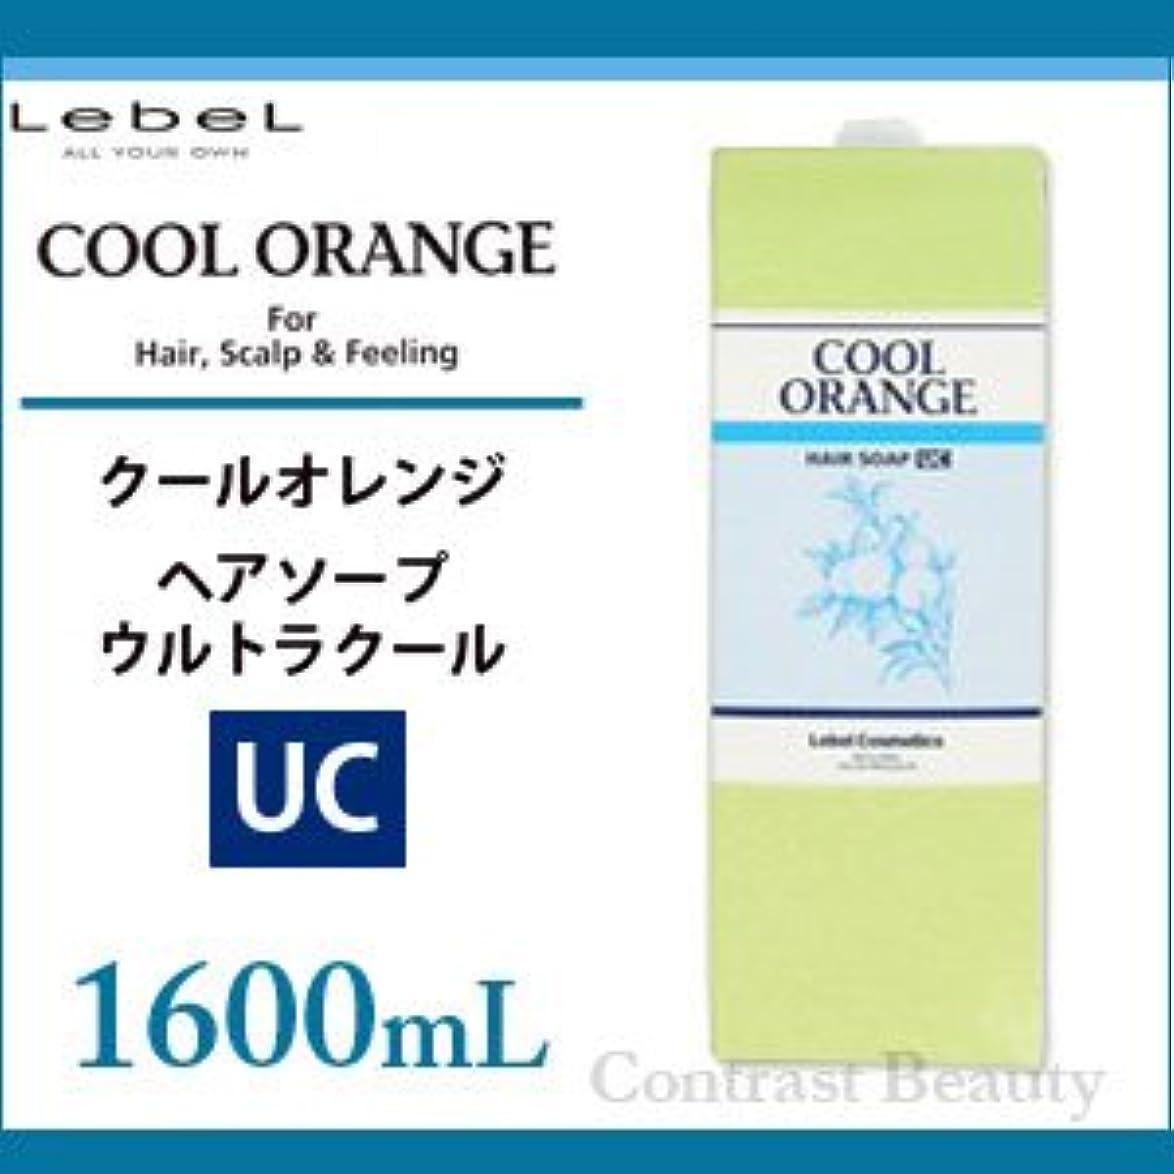 飼い慣らすとても損傷【X5個セット】 ルベル クールオレンジ ヘアソープ ウルトラクール 1600ml